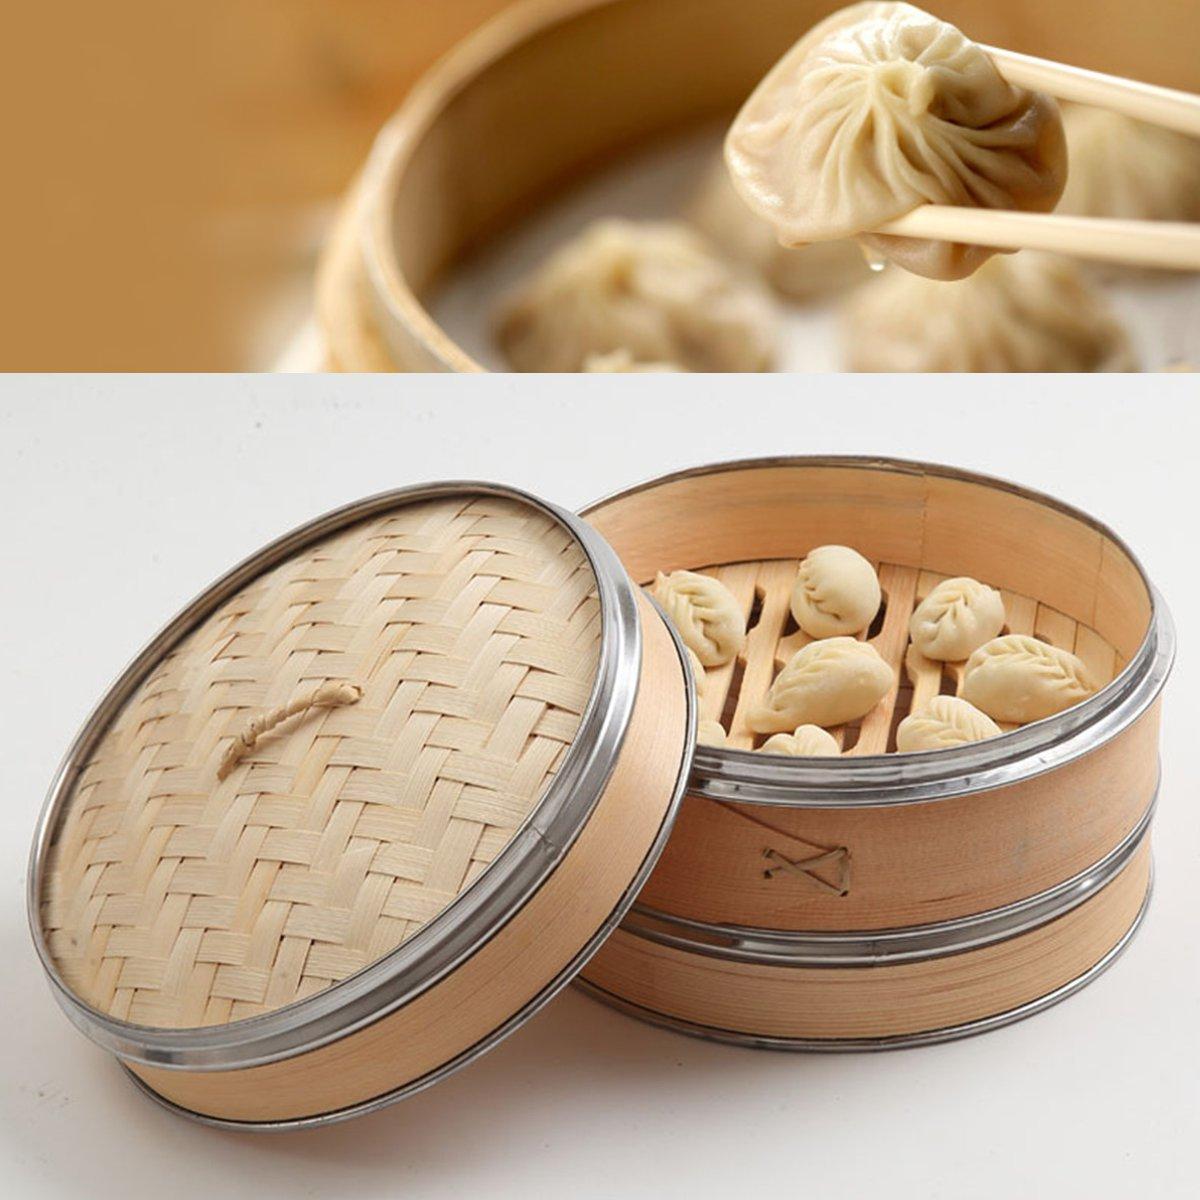 2 niveles 1 cubierta de vaporizador de bambú Natural de pescado, arroz, cesta de aperitivos, juego de utensilios de cocina, utensilios de cocina, vaporizador de vapor 25cm